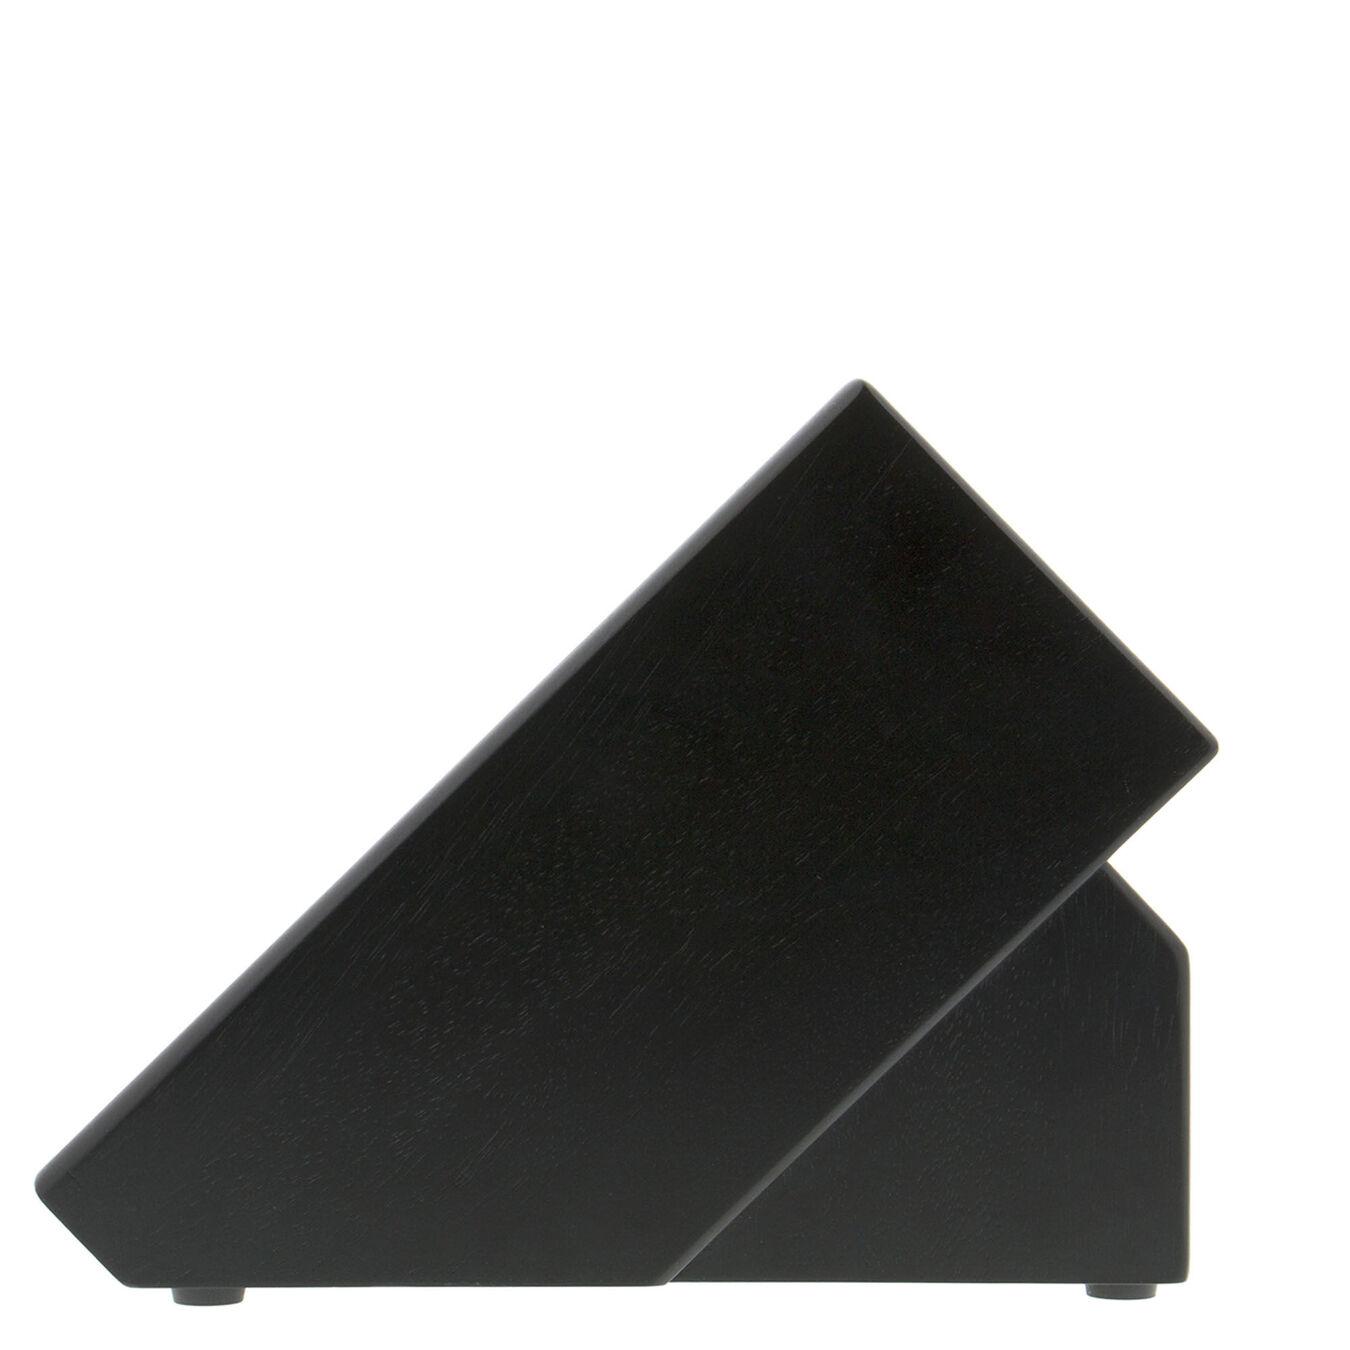 Rubberwood Black 16-slot block,,large 5